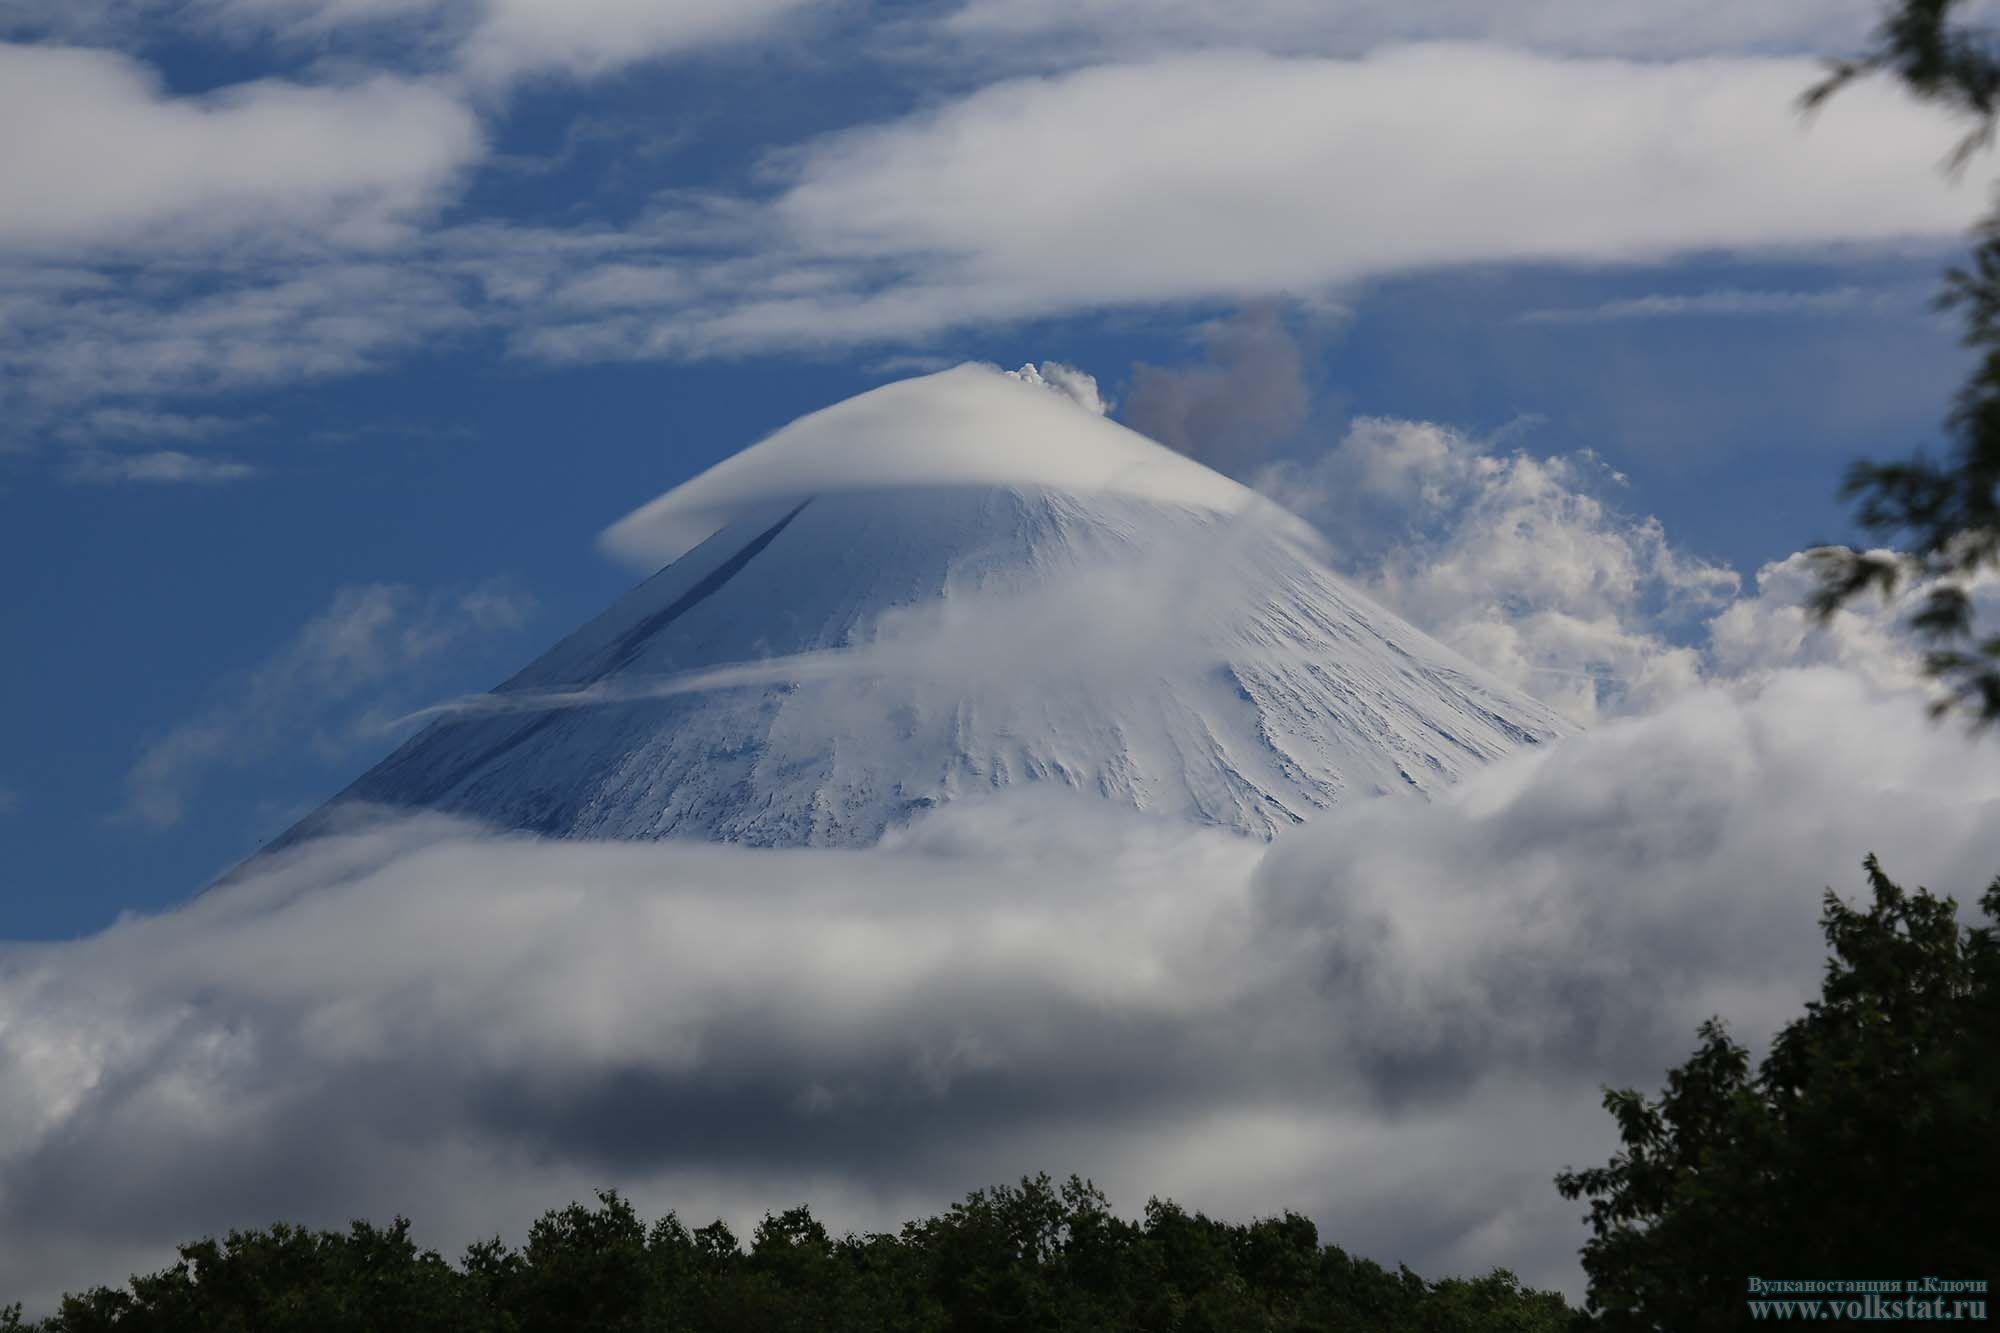 Klyuchevskoy volcano eruption july 2016, Klyuchevskaya Sopka eruption, Klyuchevskaya Sopka volcano eruption july 2 2016,